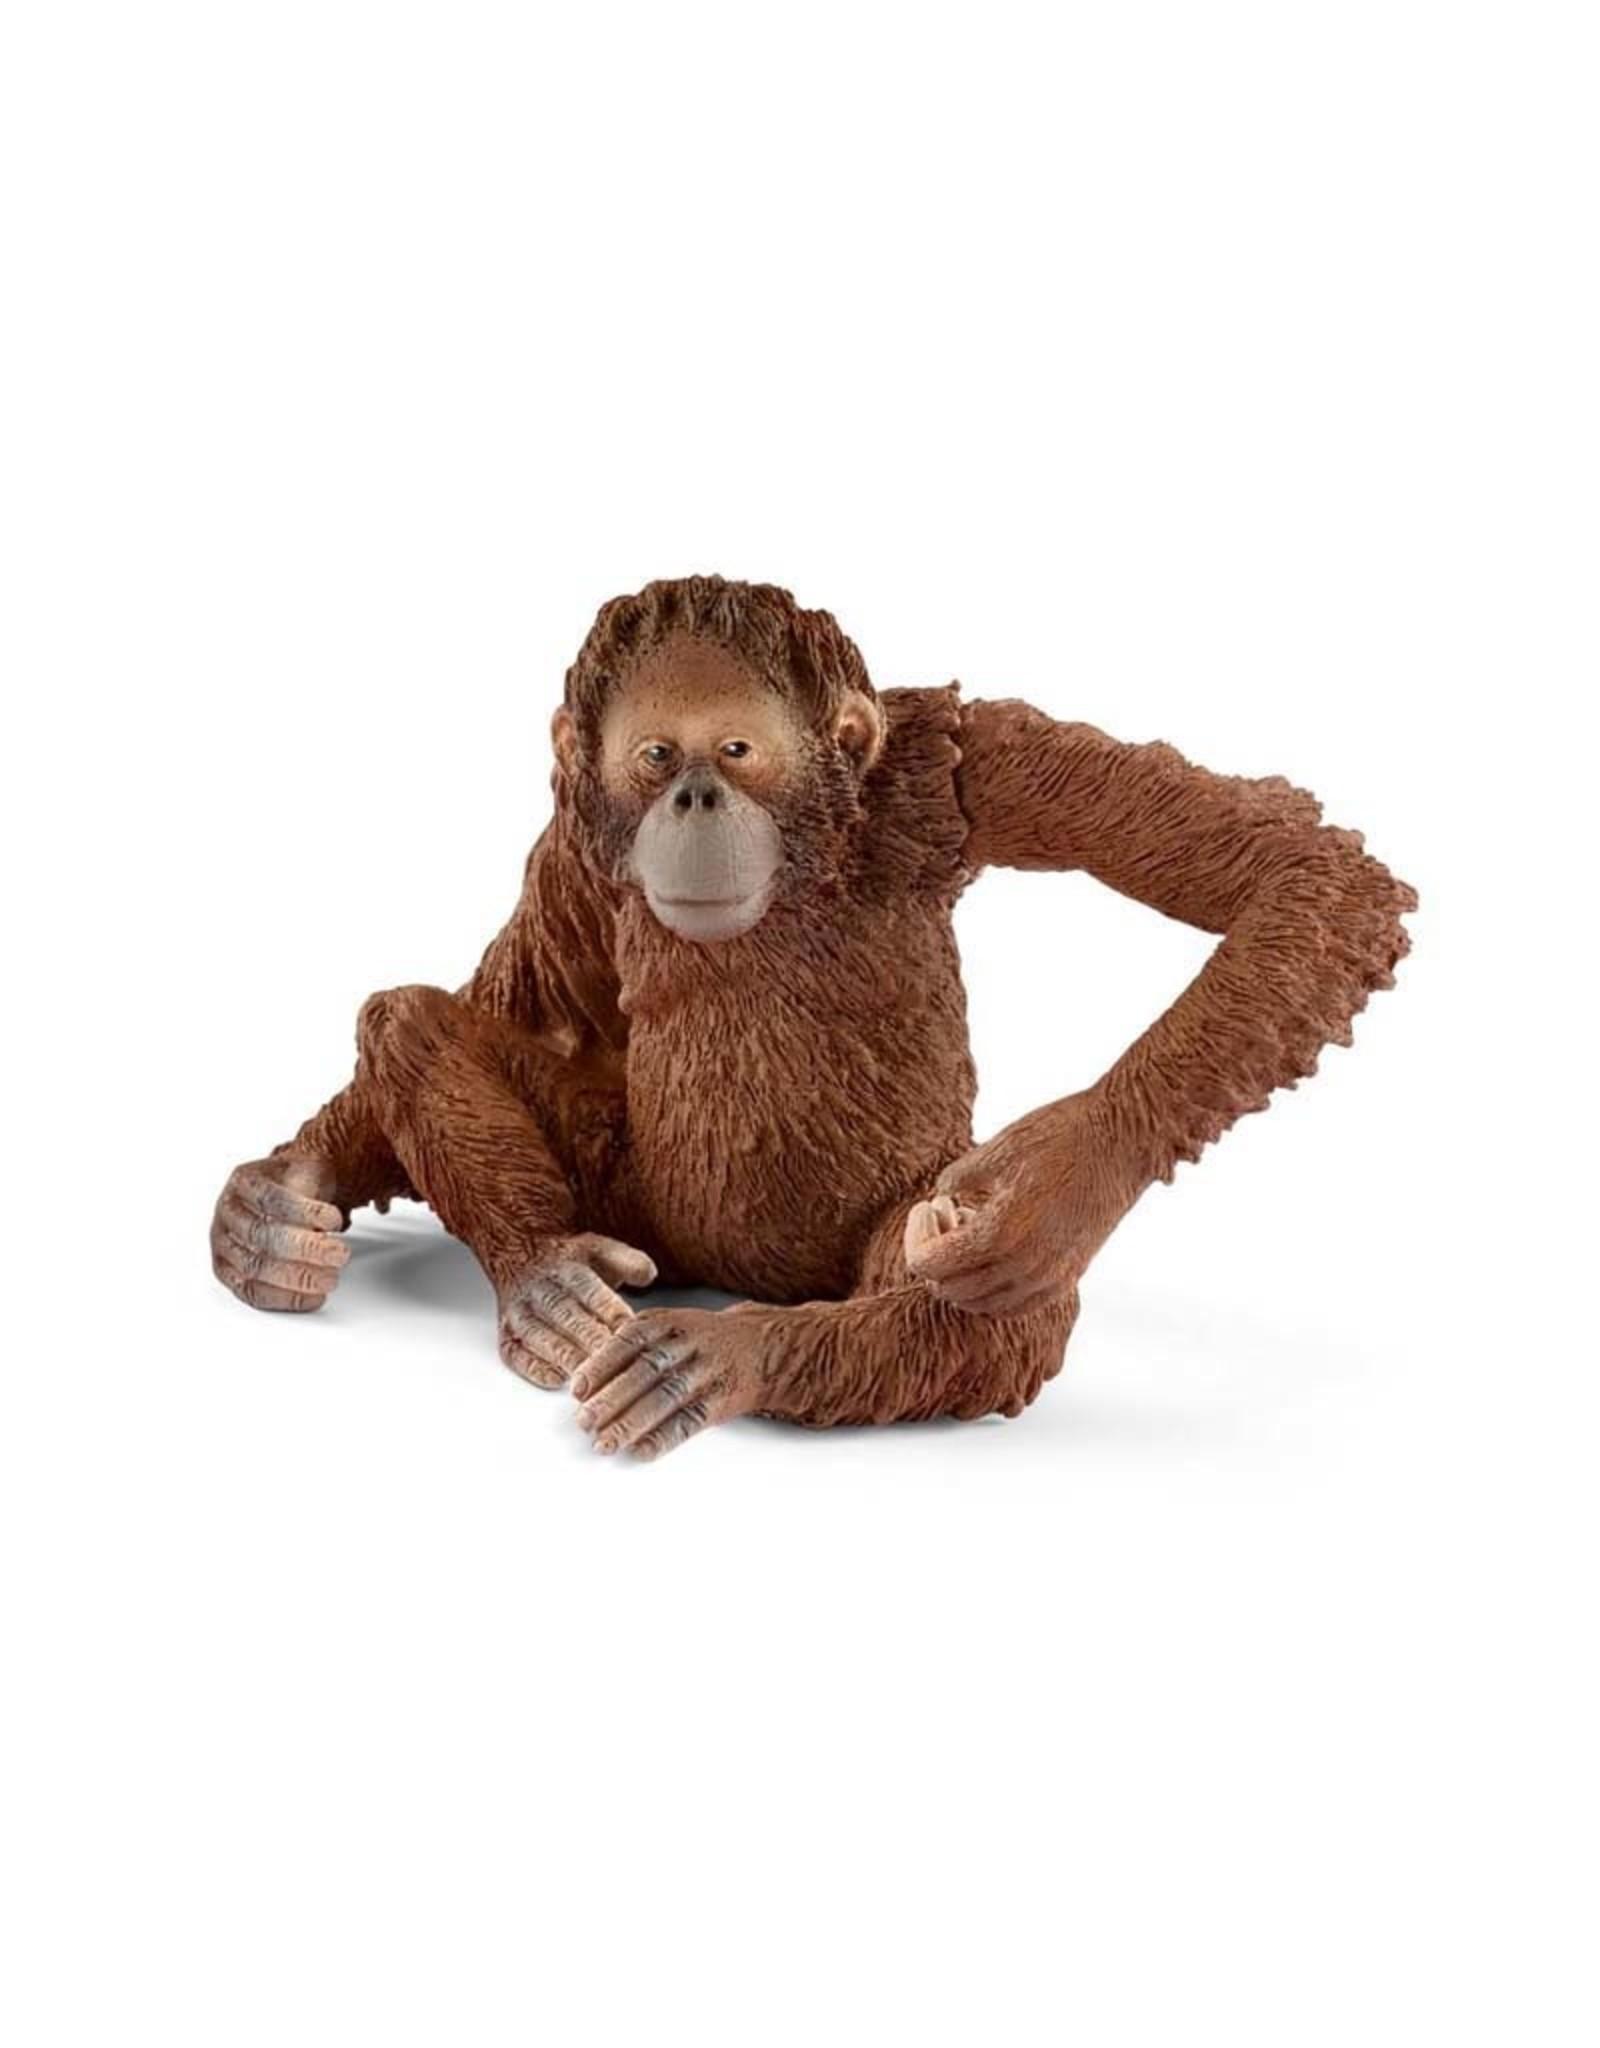 Schleich Schleich Orangutan, Female